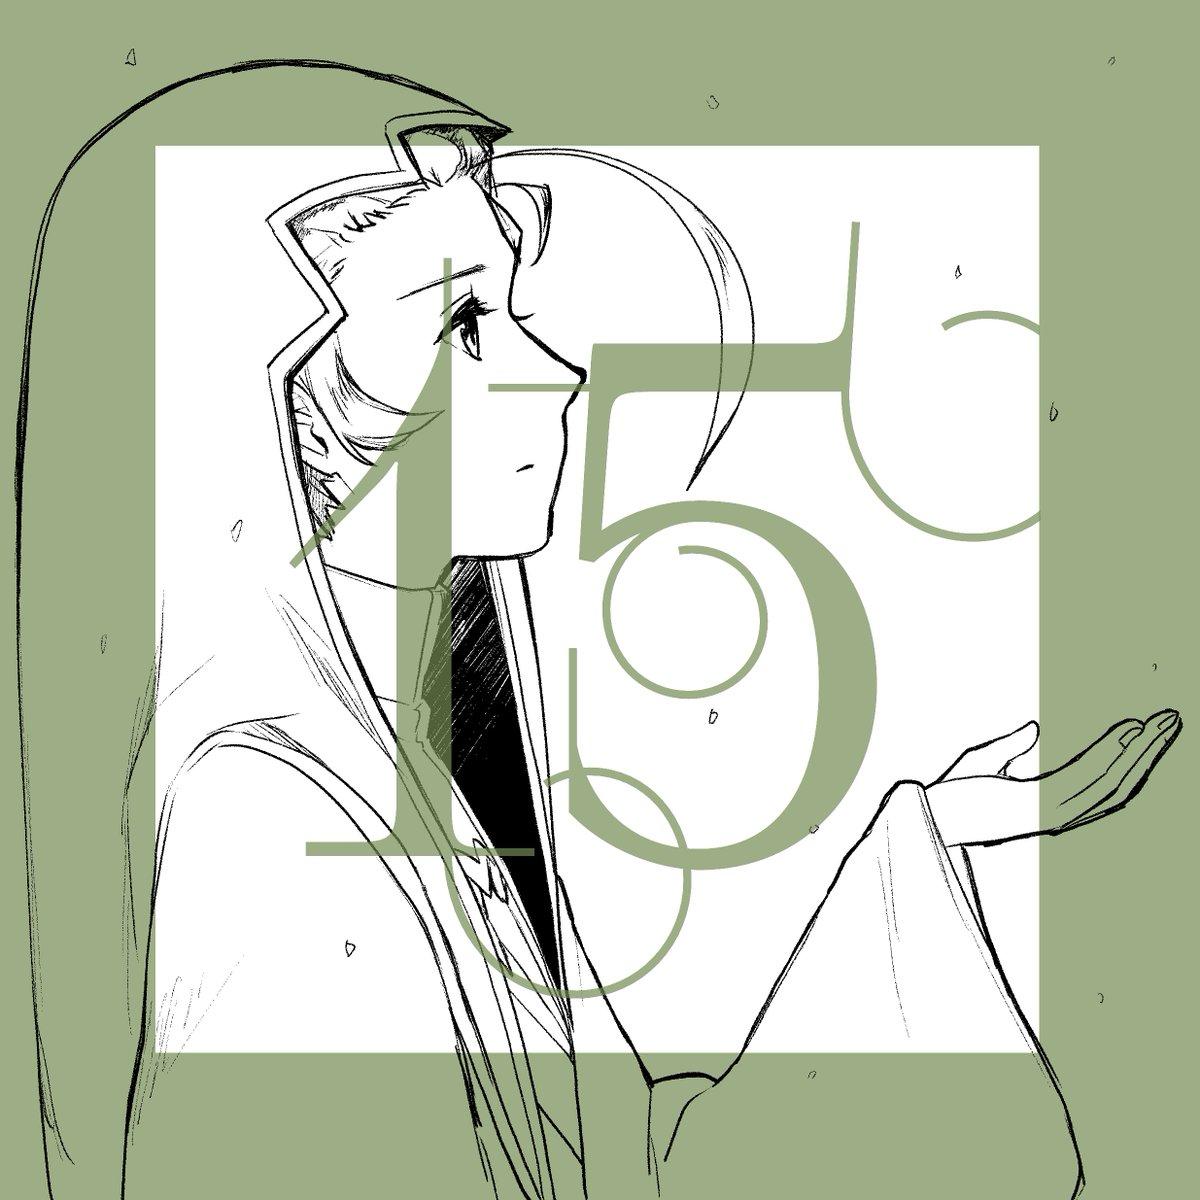 【FFBE】スクウェア名作RPG「ゼノギアス」が2/11で発売から20周年!FFBEにもコラボとか来ないかな?【ブレイブエクスヴィアス】